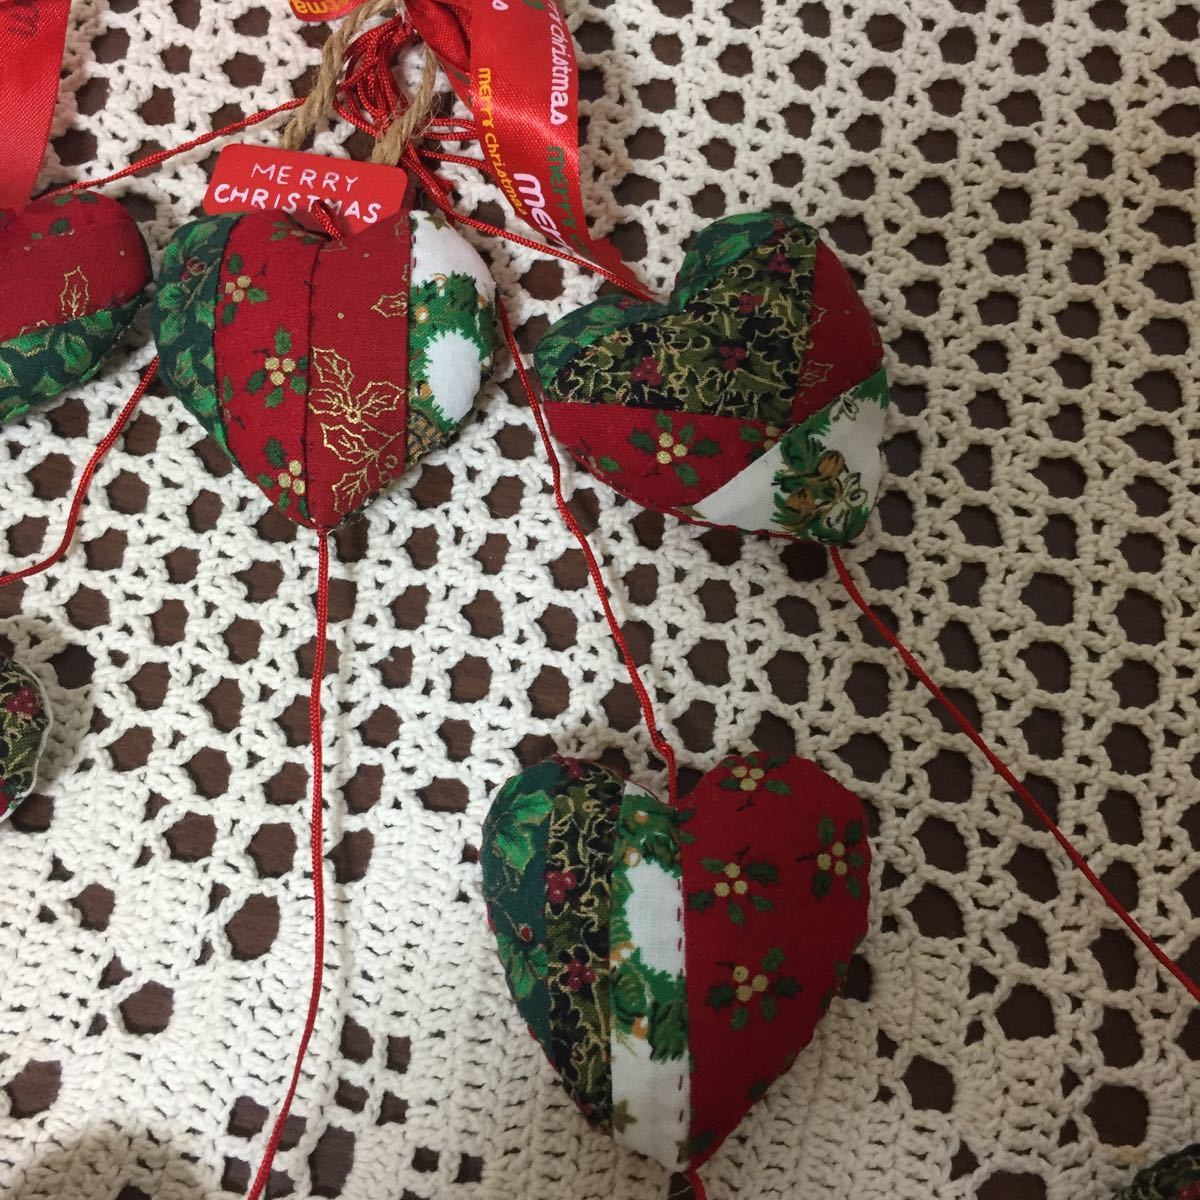 手作り☆パッチワークキルト、クリスマスハートのオーナメント